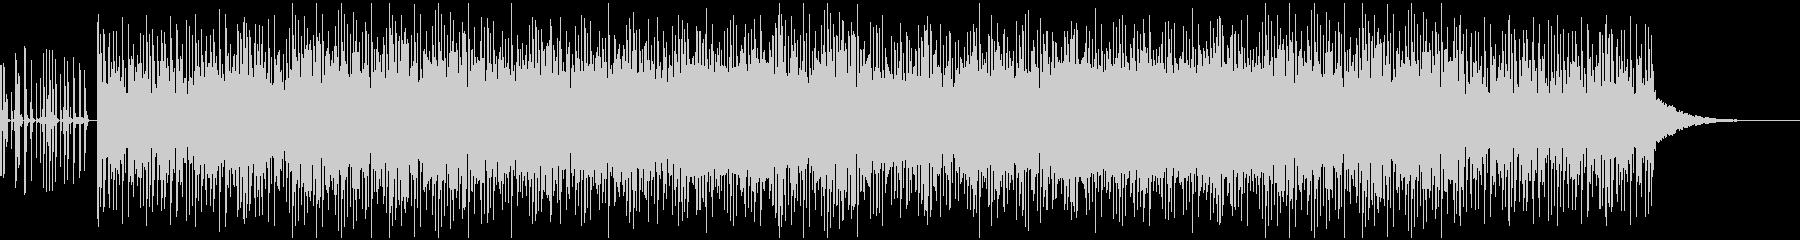 ノリのいいDISCO風レトロエレクトロ曲の未再生の波形